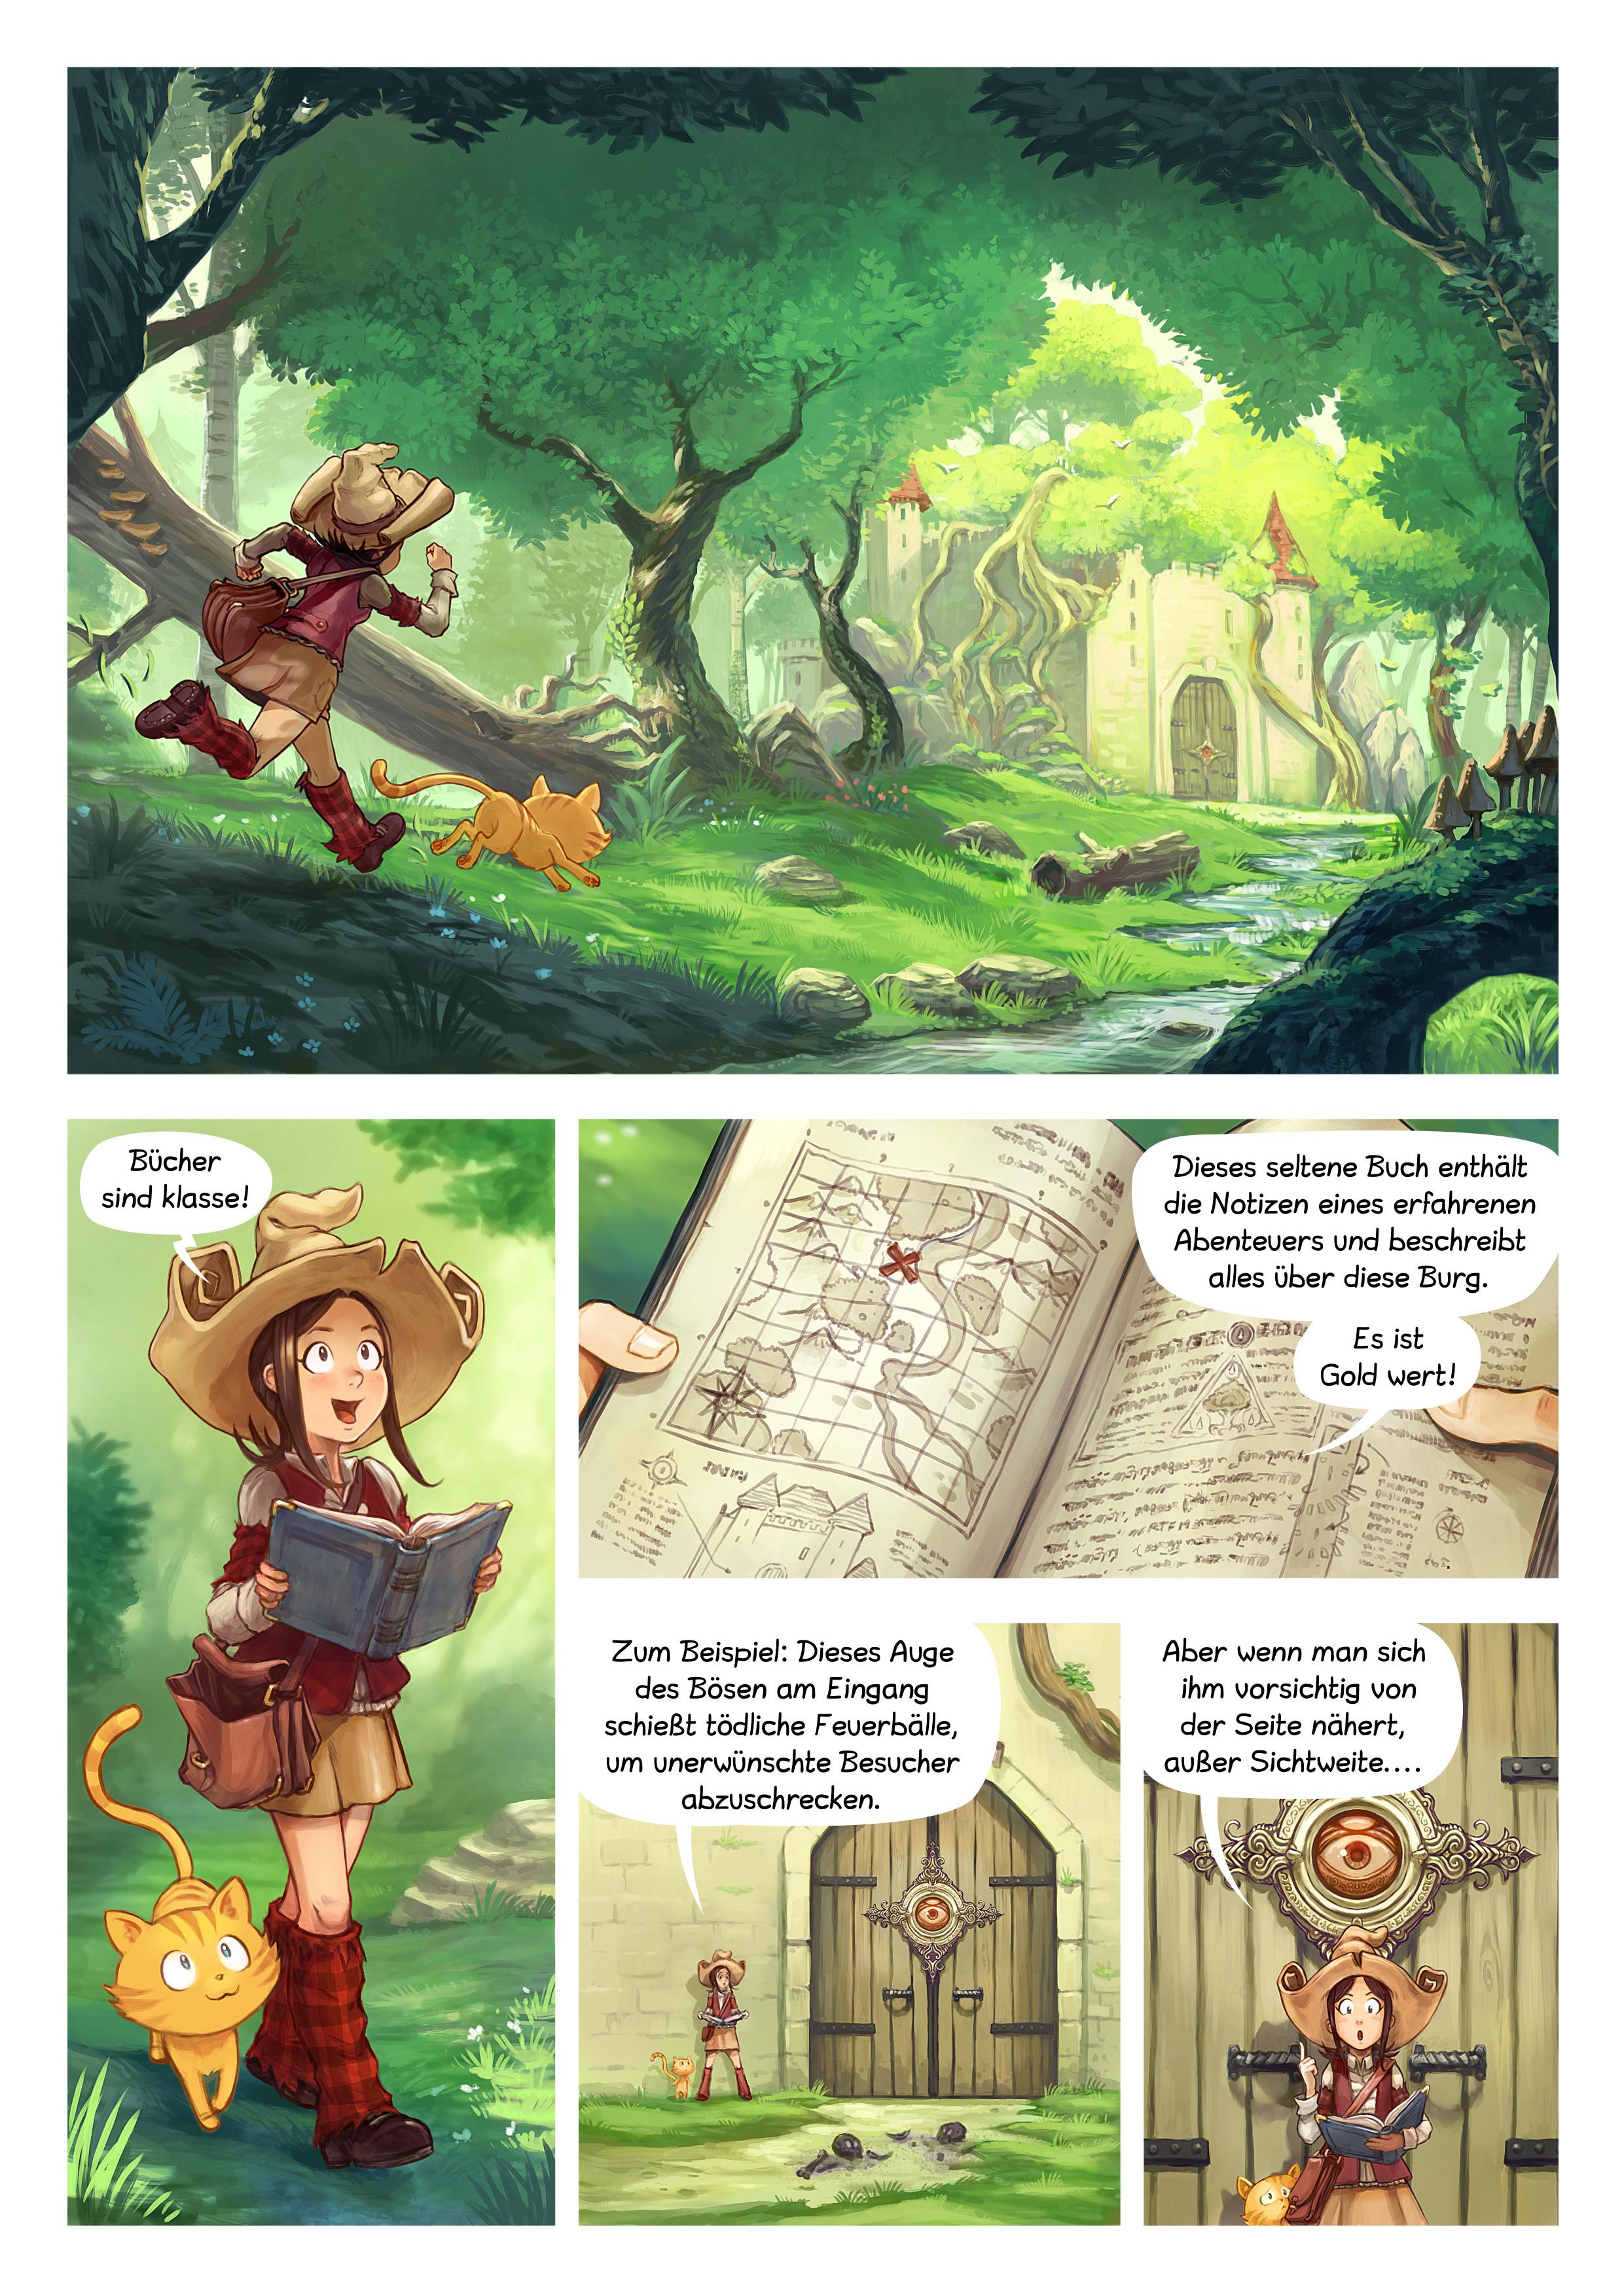 Episode 26: Bücher sind klasse, Page 1